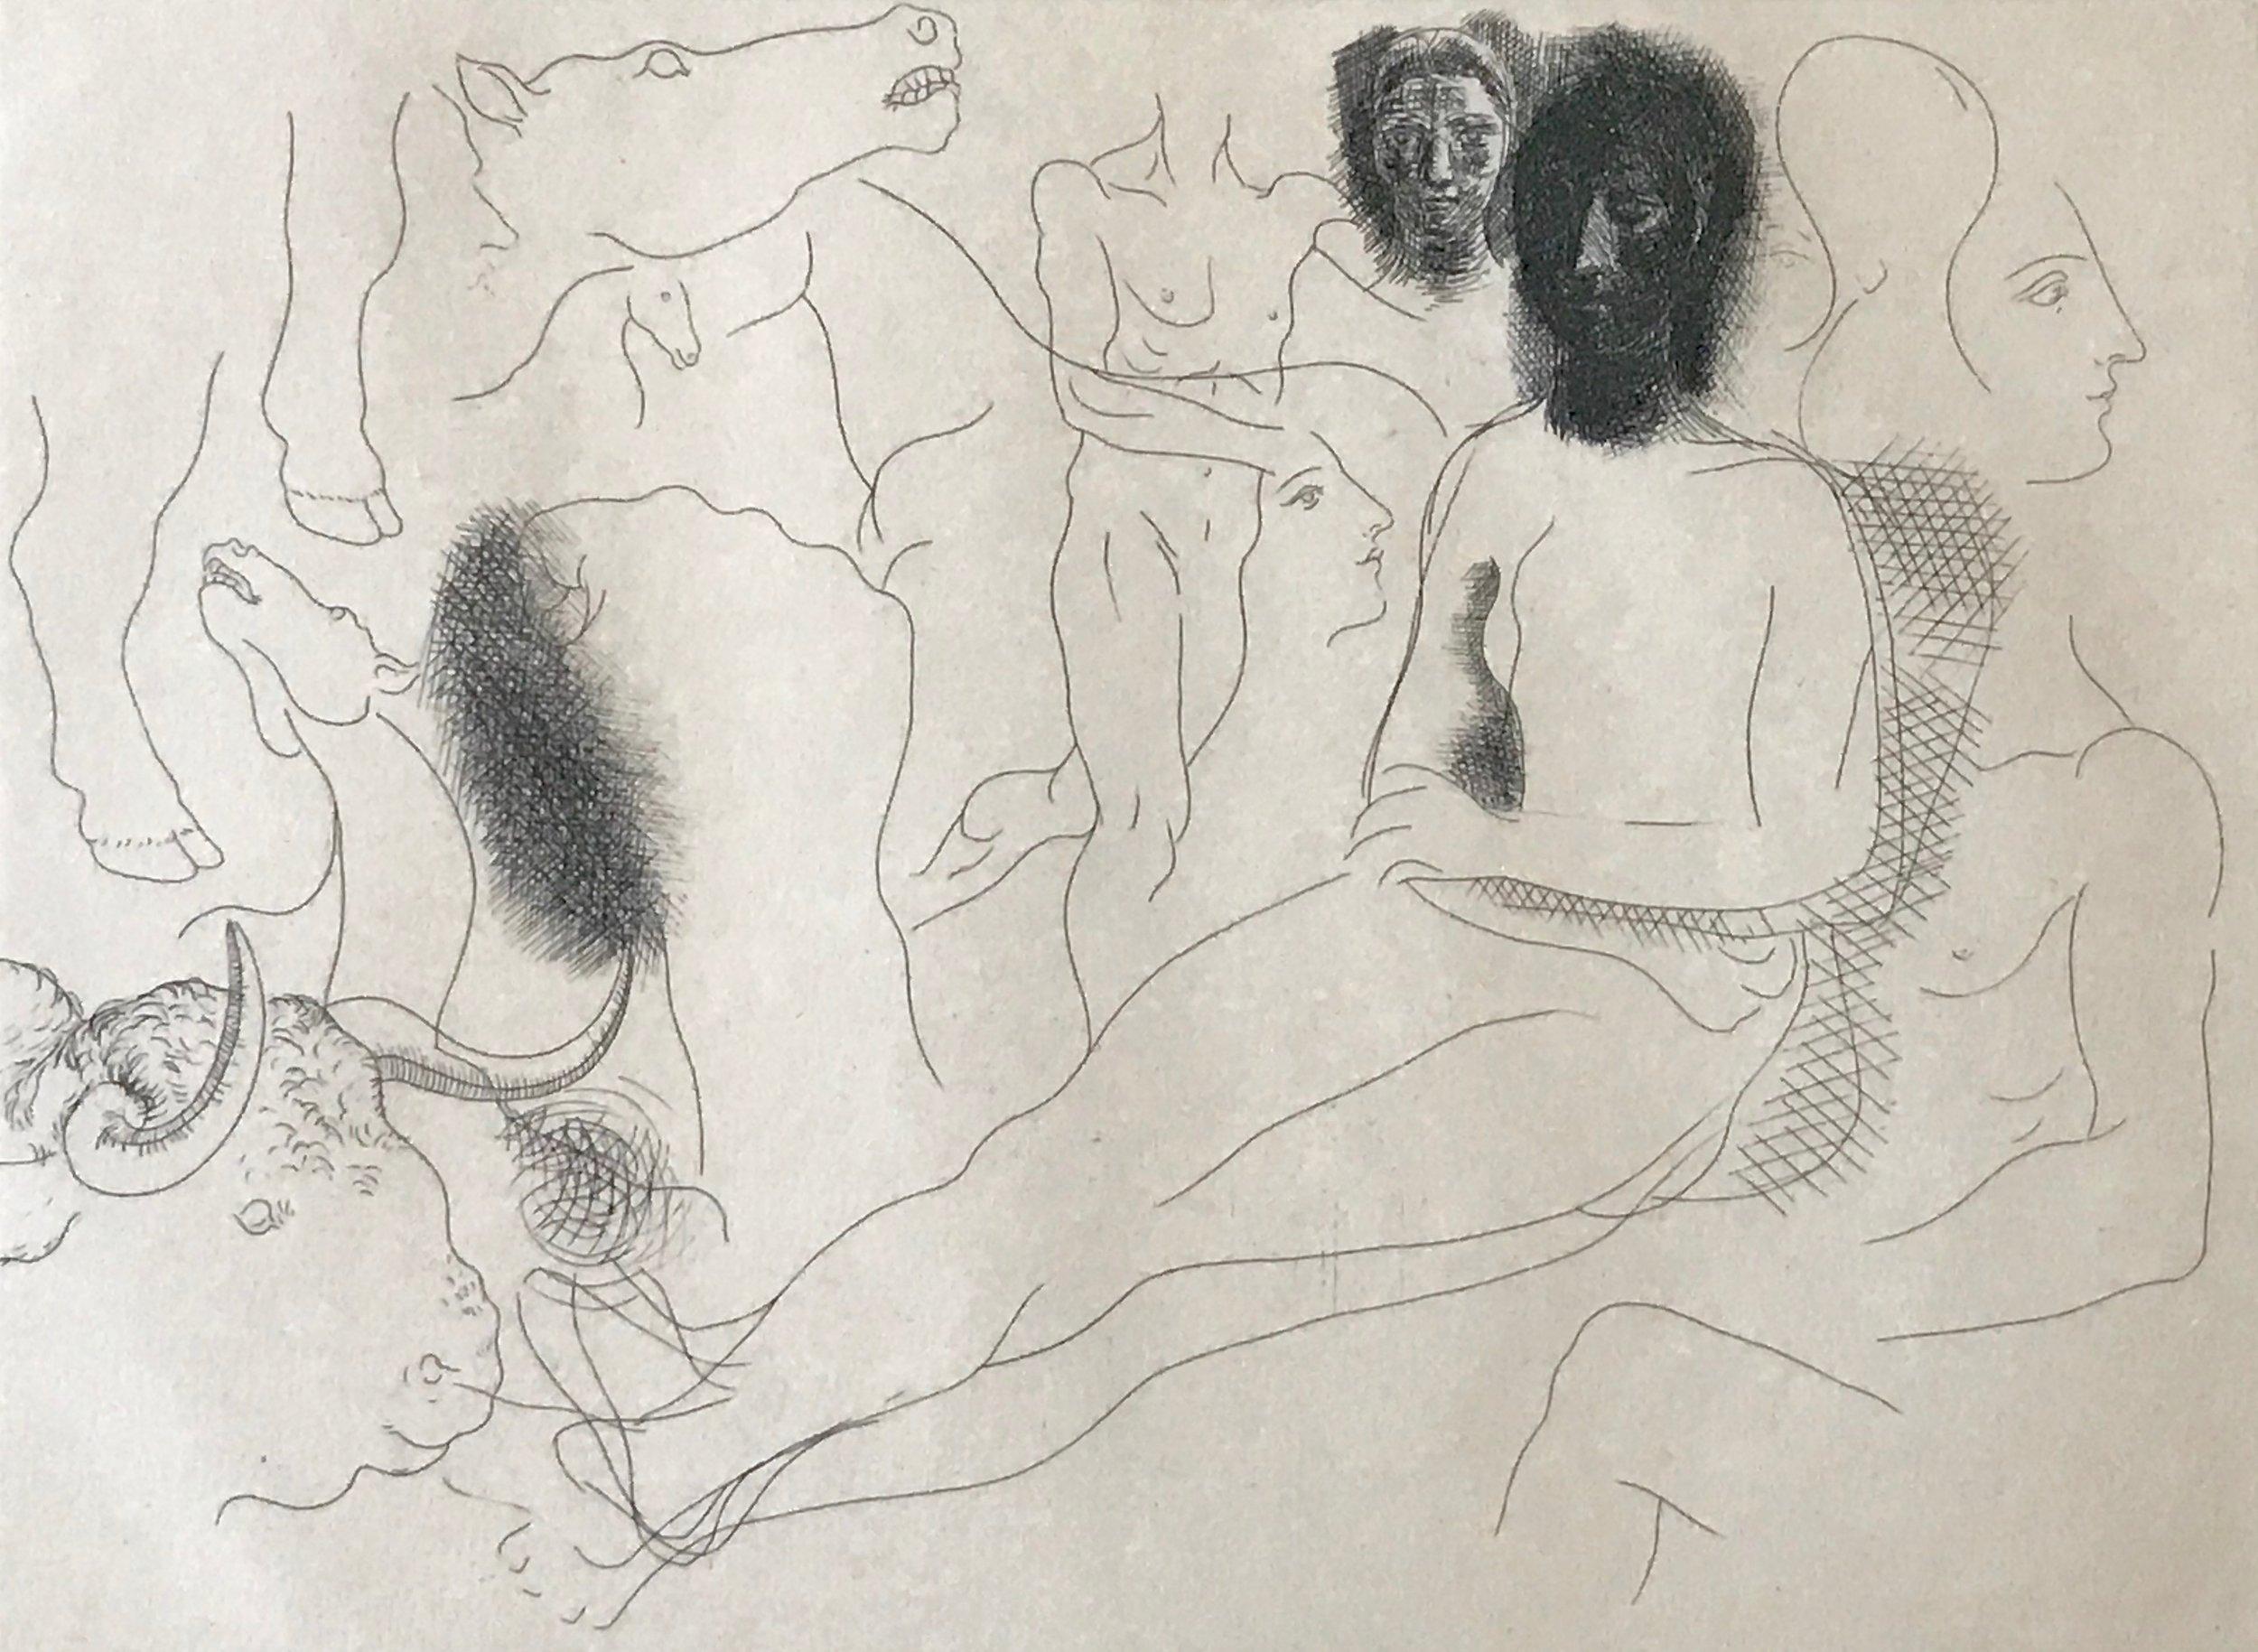 Pablo Picasso ,  Nu assis entouré d'esquisses de bêtes et d'hommes, pl. 10, from Le Chef-d Œuvre Inconnu , 1927, Etching on Van Gelder paper, 7 1/2 x 10 4/5 inches, 19 x 27.5 cm.